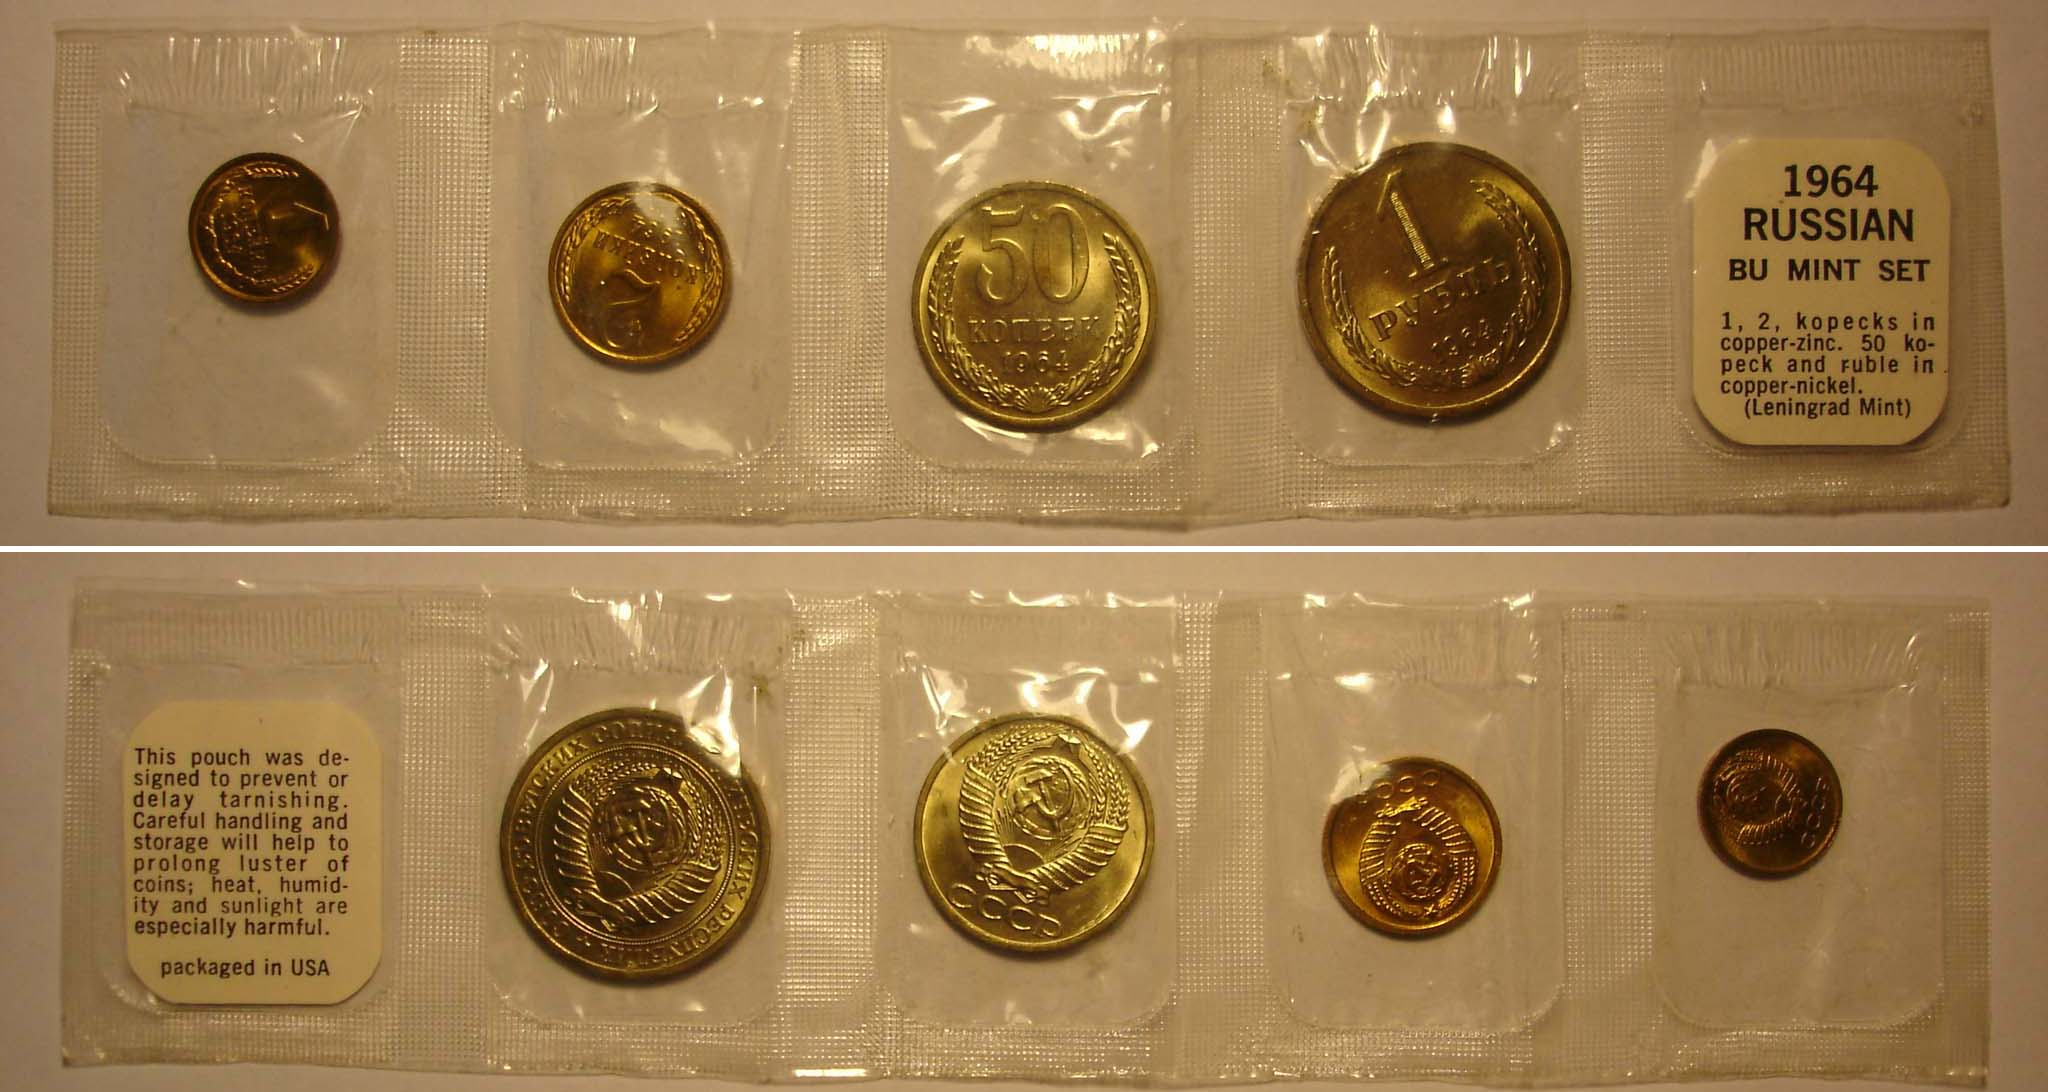 Обмен евро монет на рубли в сбербанке рубль 1844 года